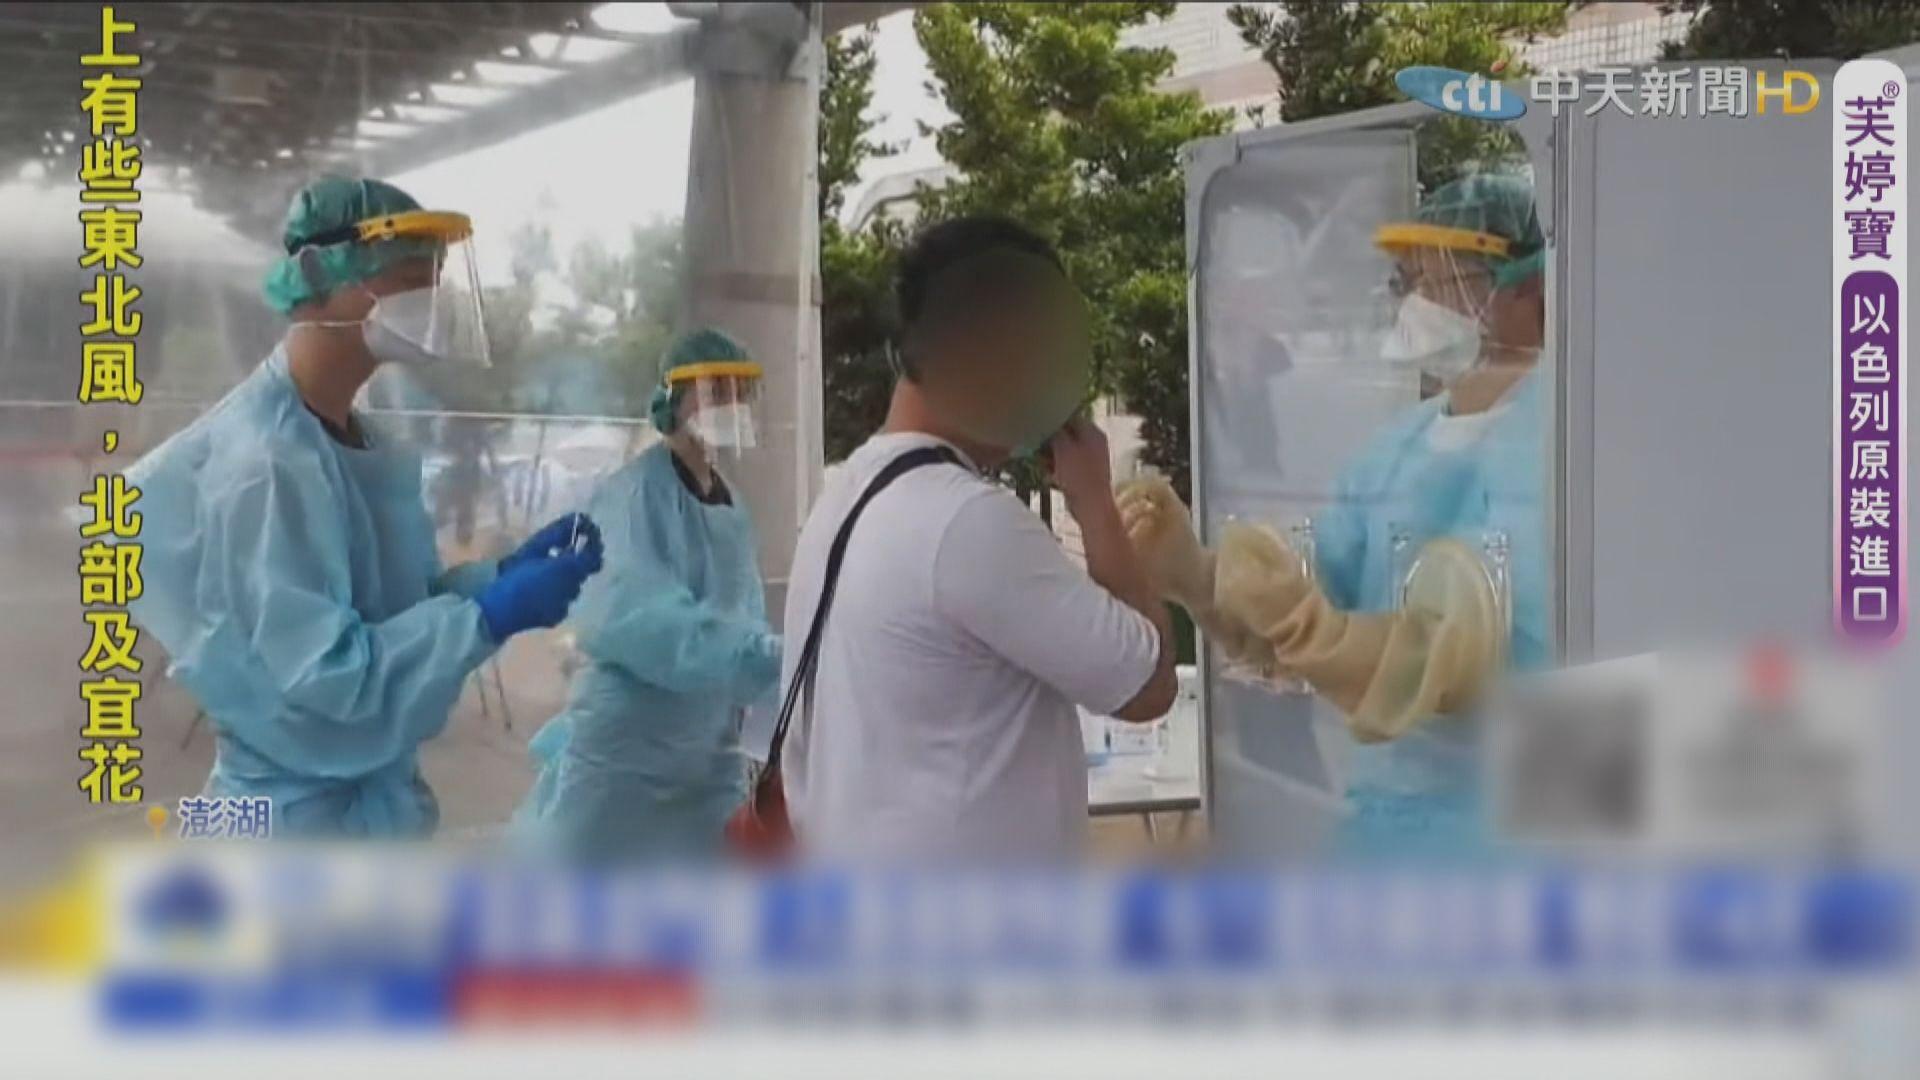 台灣疫情持續擴散 澎湖出現首宗確診